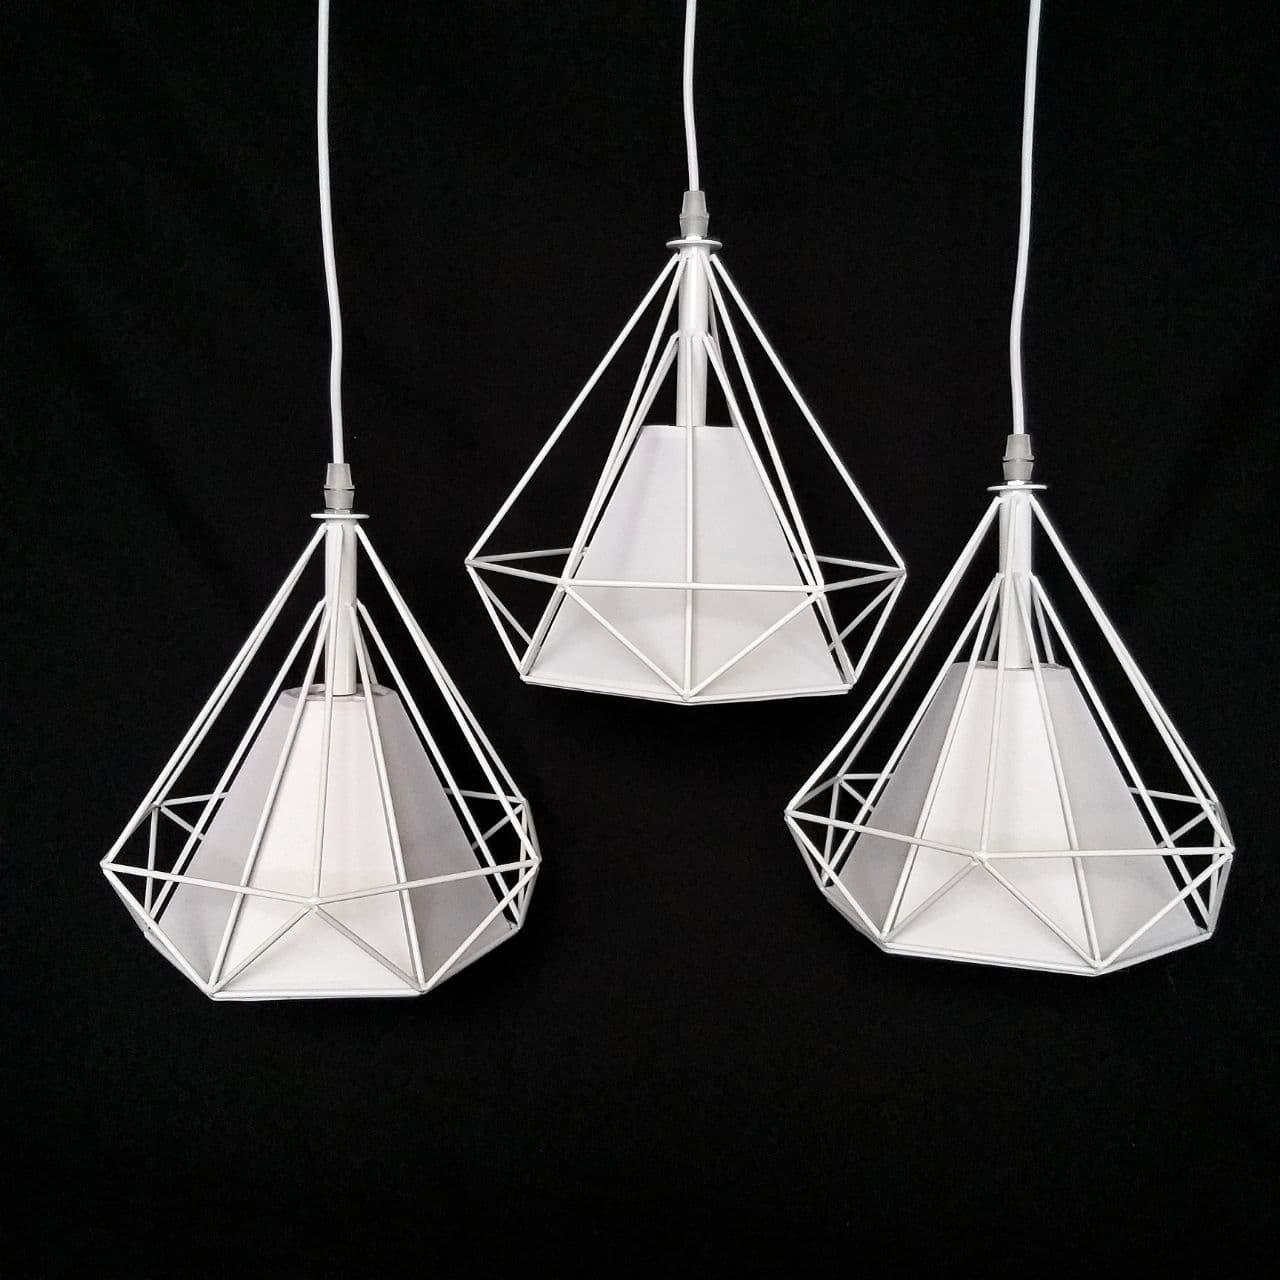 Люстра подвесная на 3 лампы лофт сетка белая с регулировкой высоты на планке YS-TY004/3 WH+WH